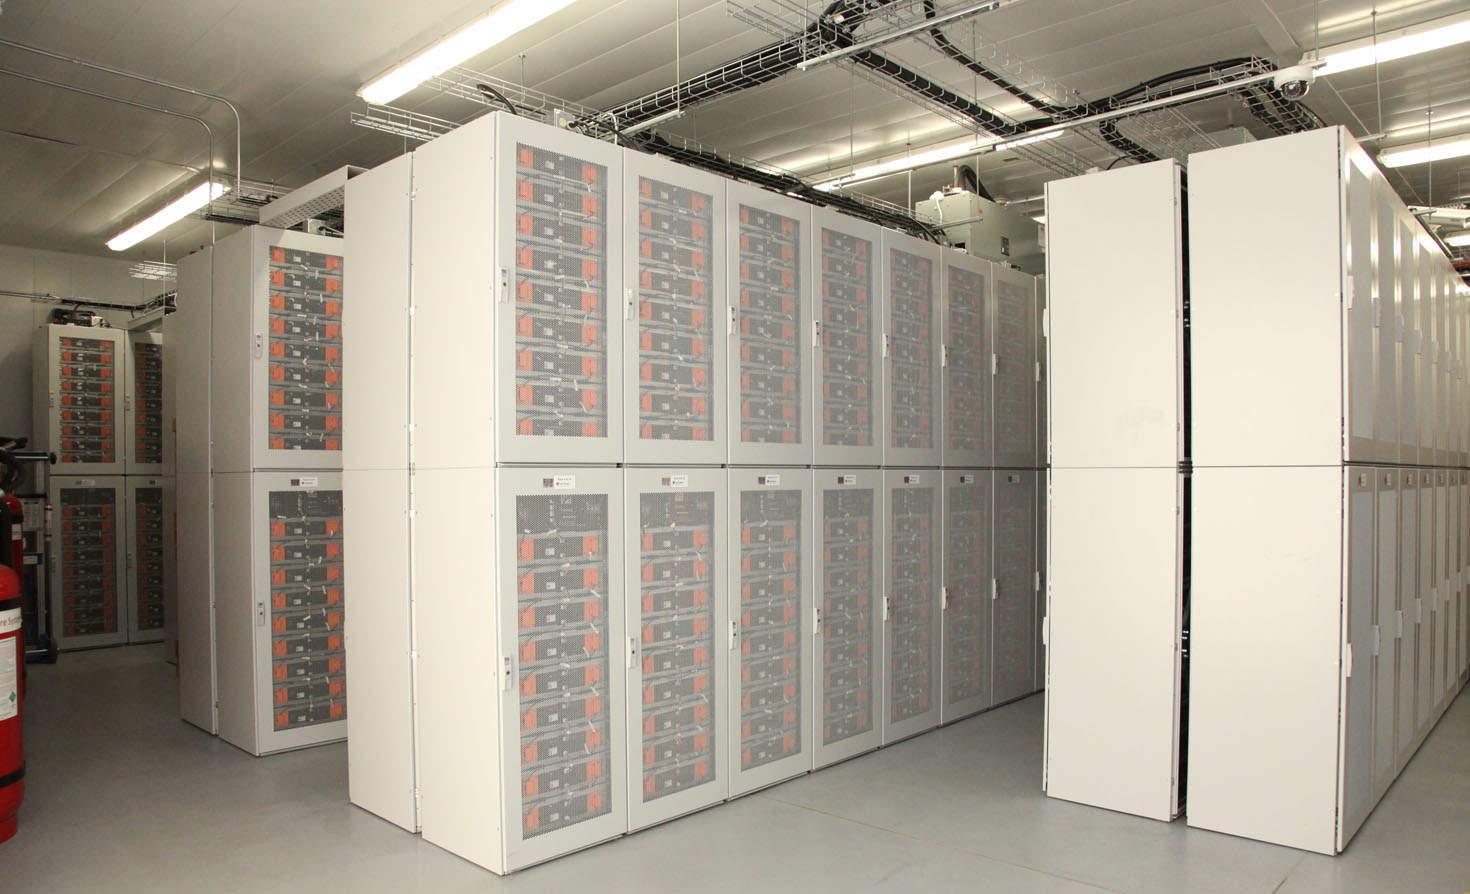 Tehachapi Energy Storage Project